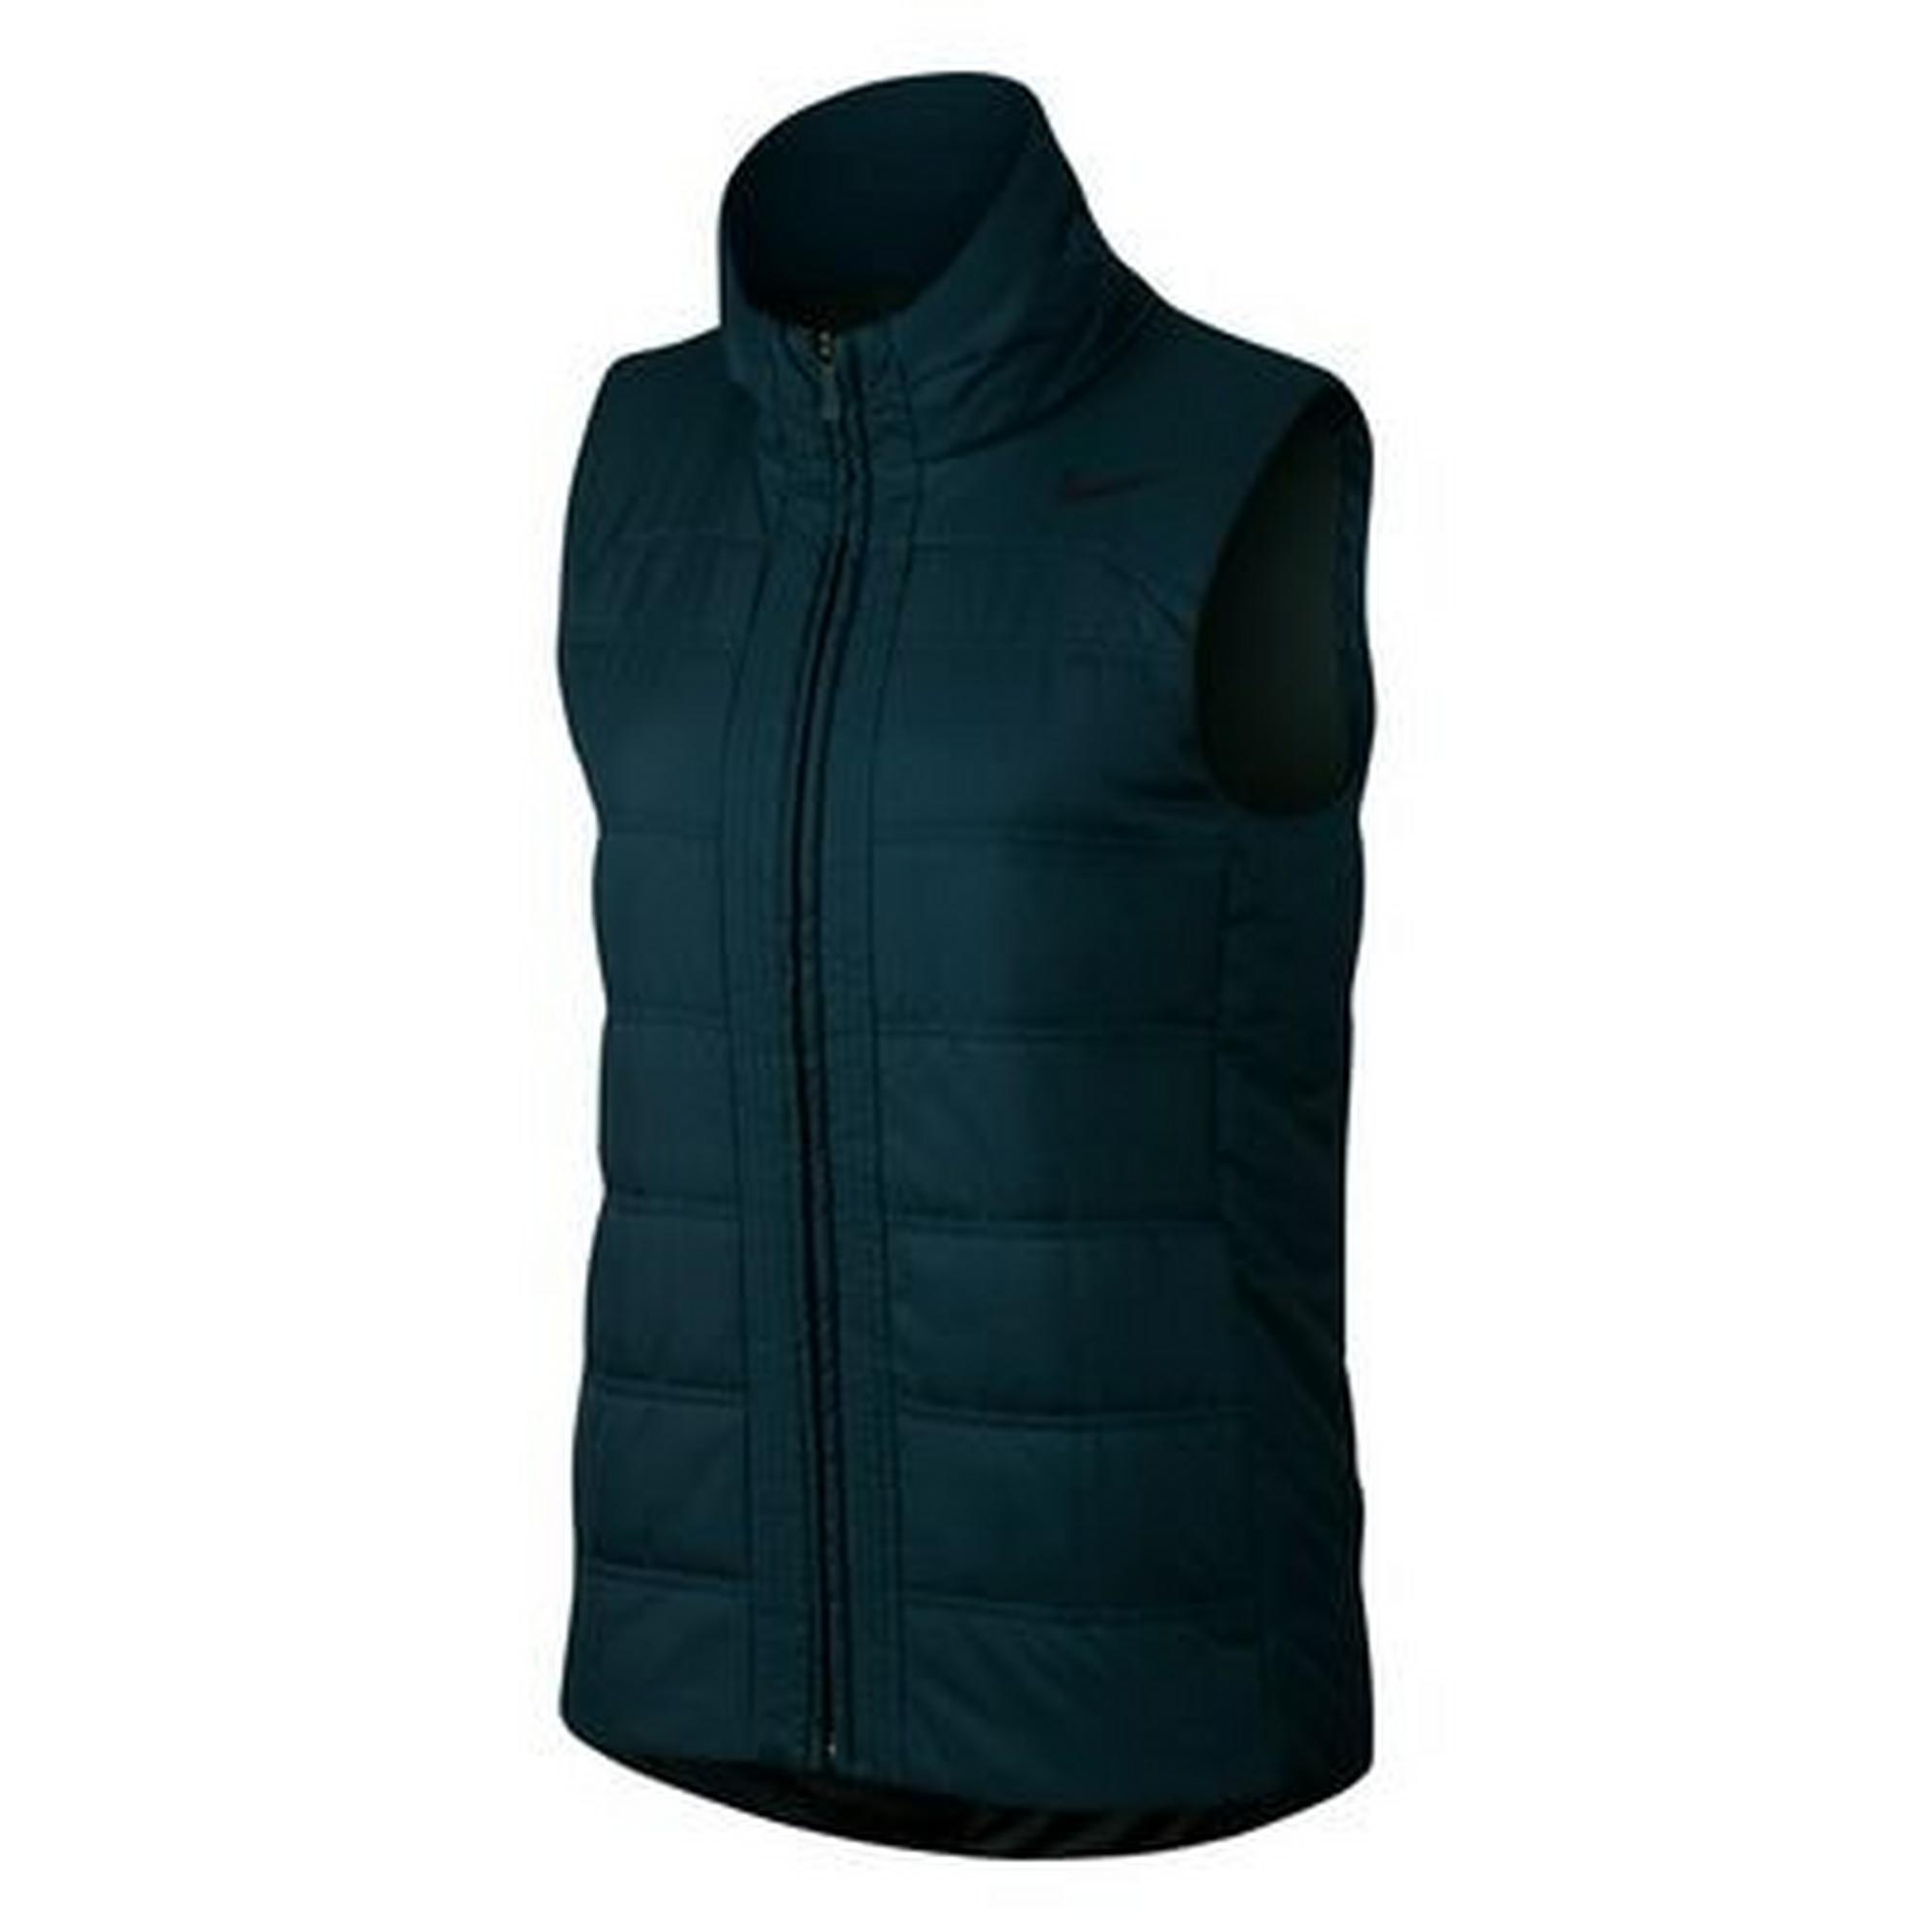 Women's Repellent Warm Full Zip Vest